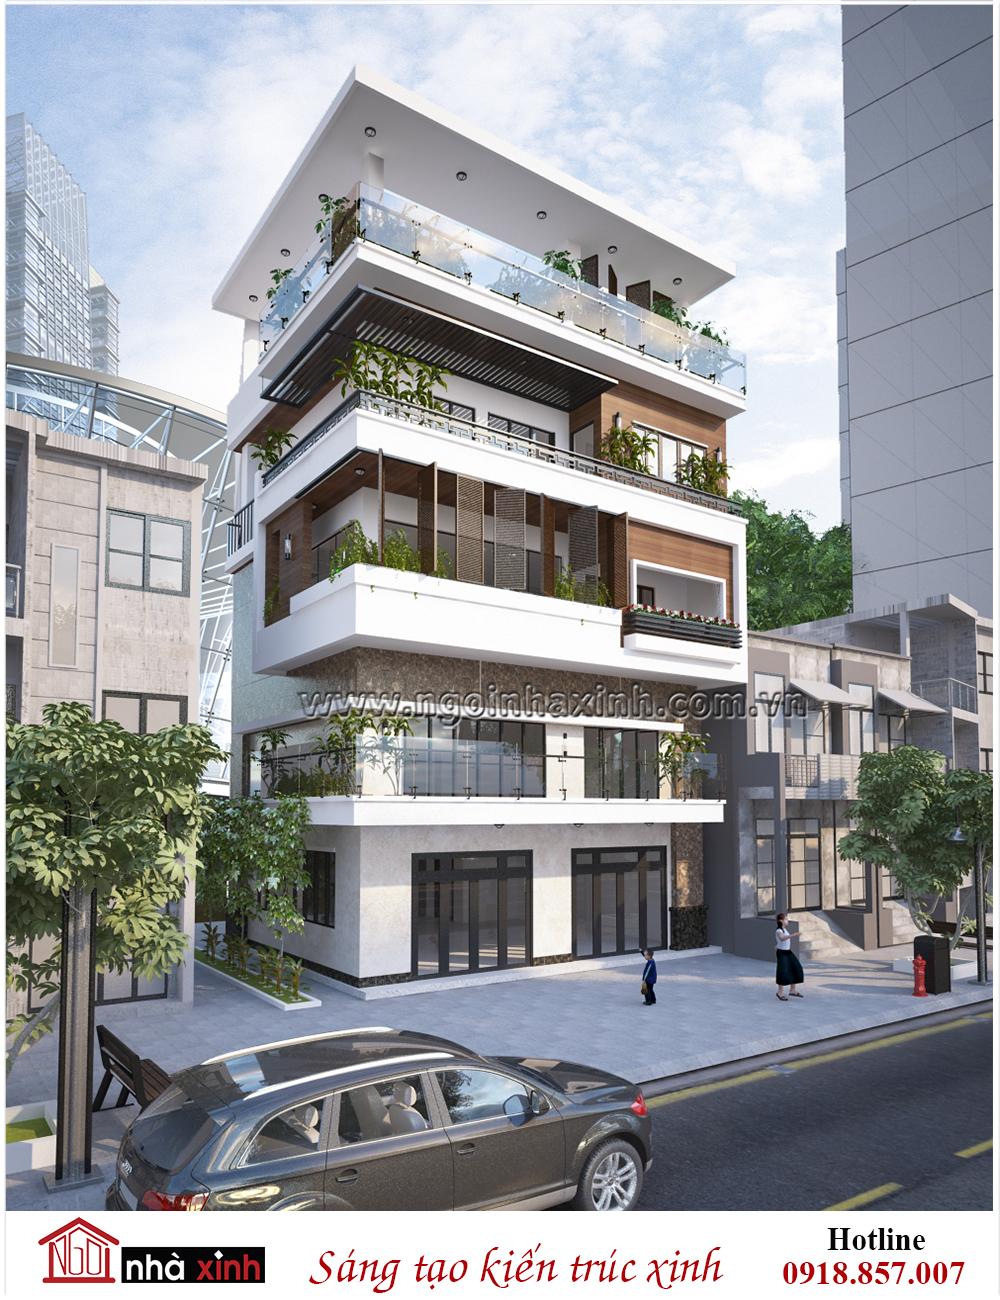 Mẫu thiết kế nhà phố đẹp hiện đại Chị Hoa - Nguyễn Văn Luông - Hình 1